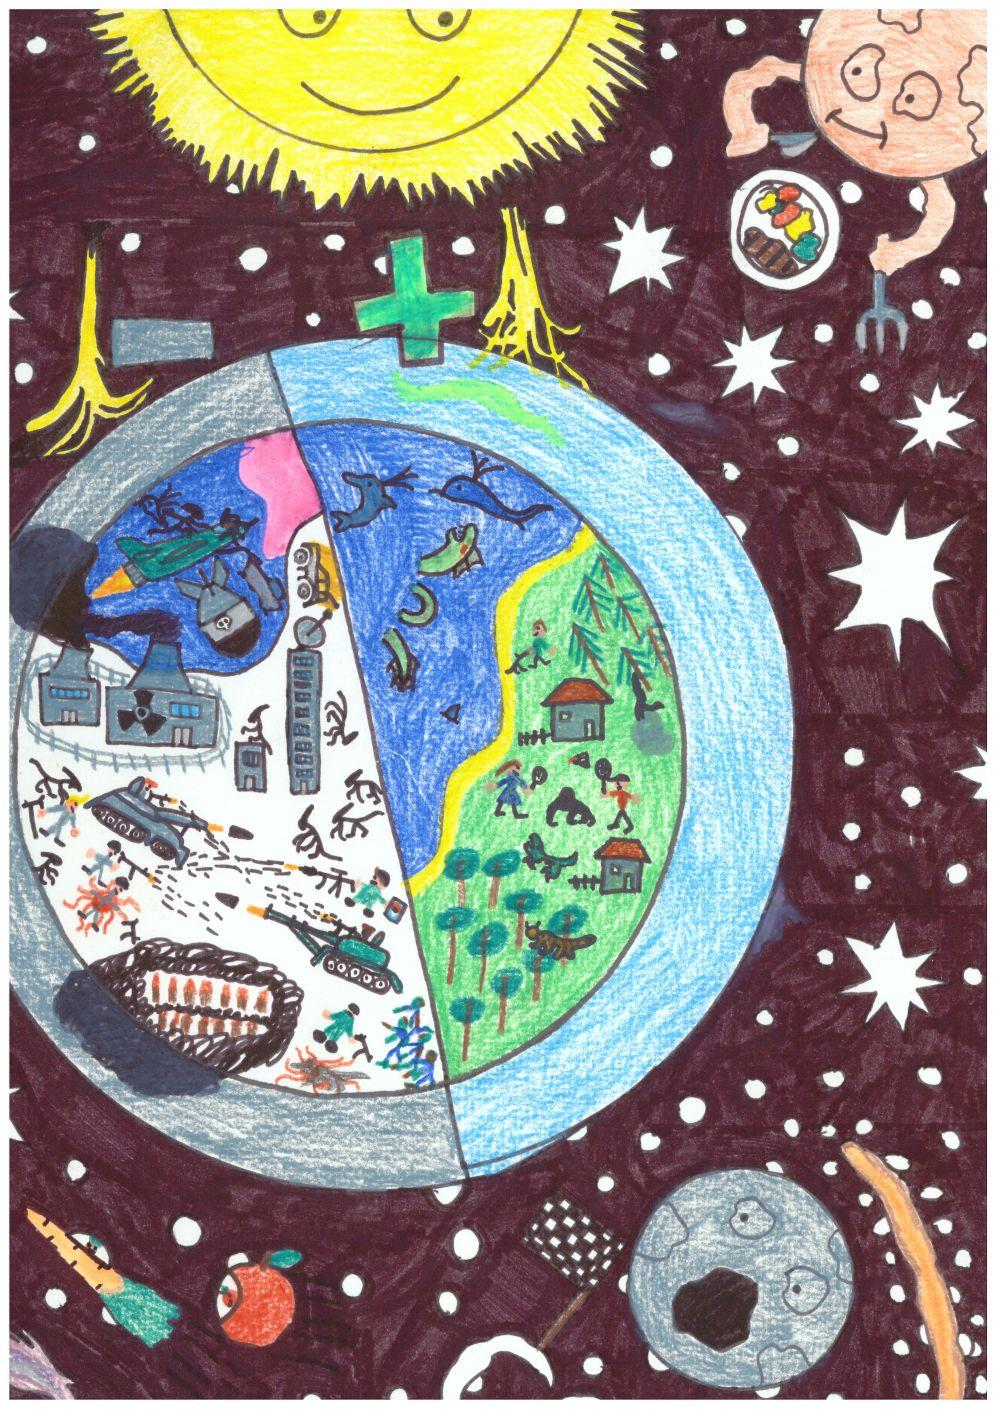 Gewinner-Zeichnung, Bild Sonderpreis GVB, 10 bis 12 Jahre, Umwelt-Zeichnungswettbewerb 2018